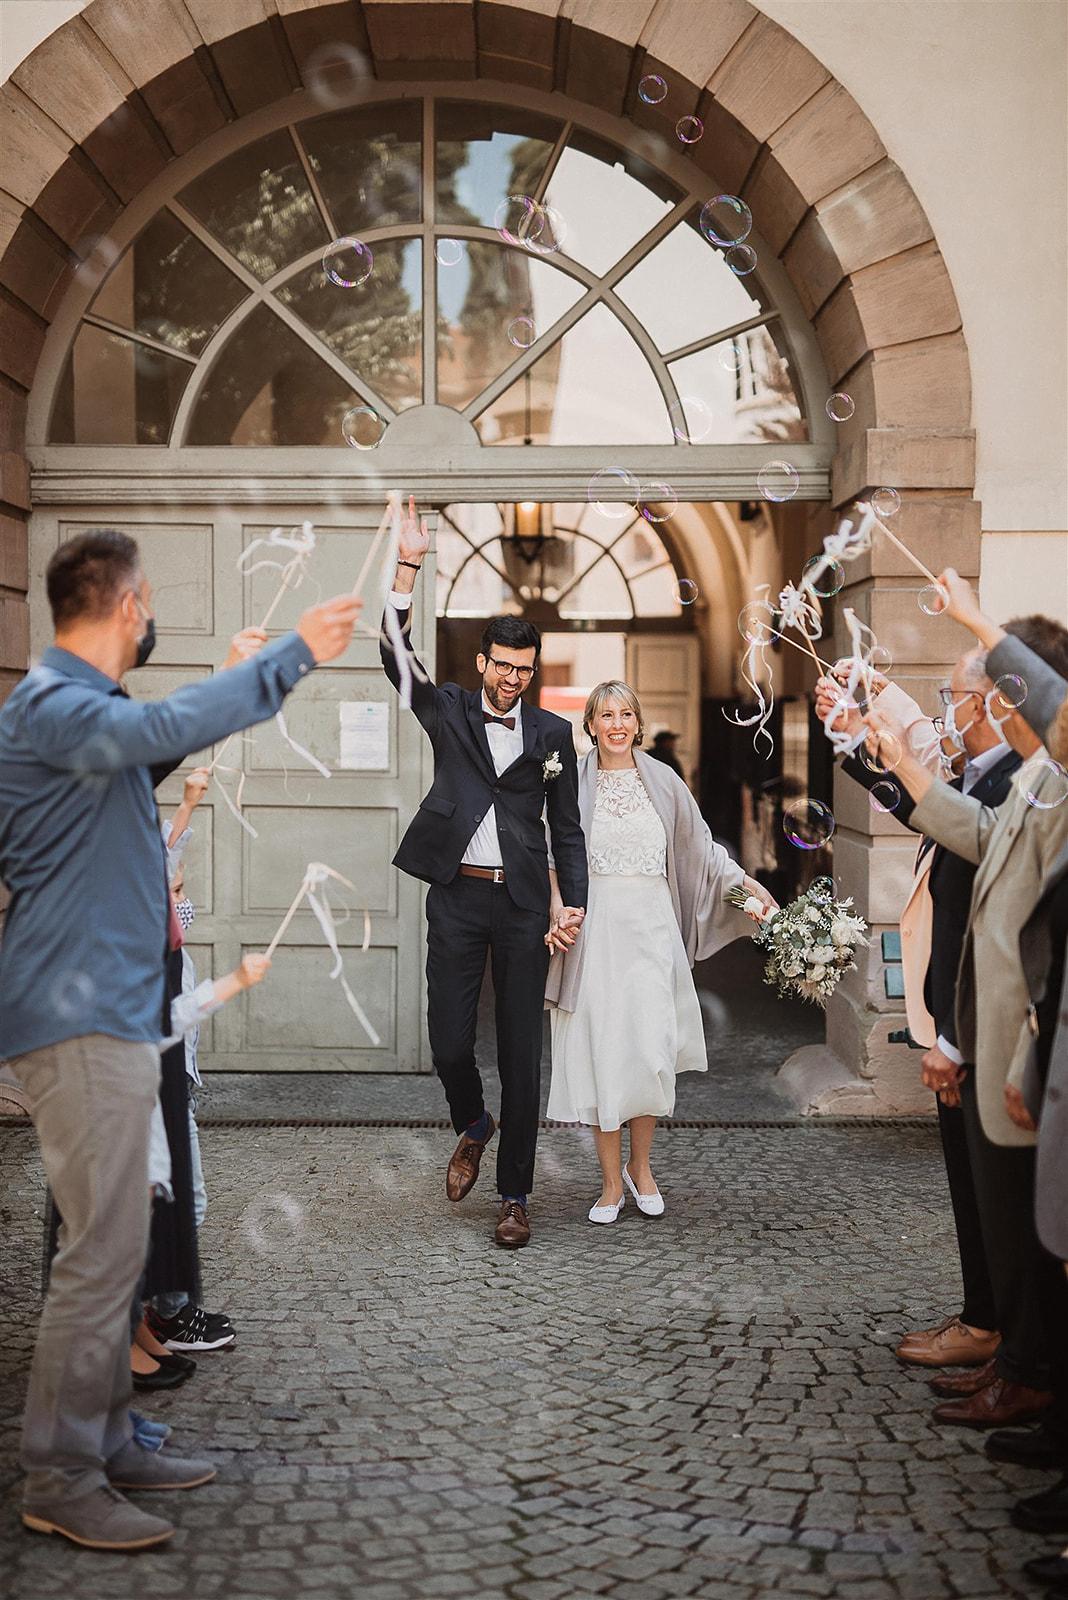 noni Brautmode, Brautpaar händchenhaltend tritt aus Standesamt in Freie, Gäste schmeissen Luftschlangen und lassen Seifenblasen fliegen. Bräutigam in dunklem Anzug, Braut mit midi-langem Zweiteiler mit wadenlangem Rock und Top aus Botanikspitze